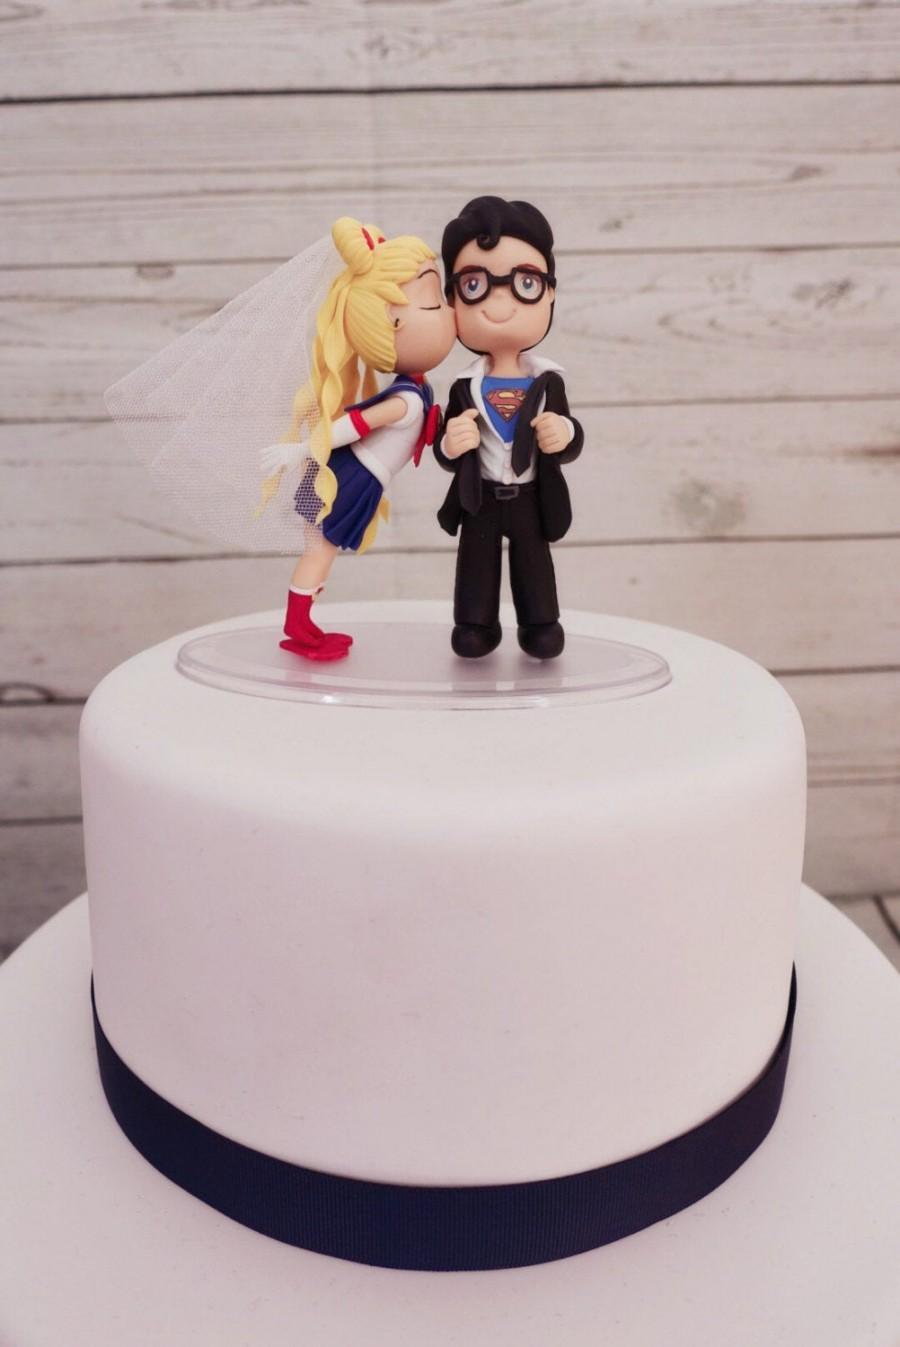 Hochzeit - Superman and Sailor Moon Wedding Cake Topper Figurine